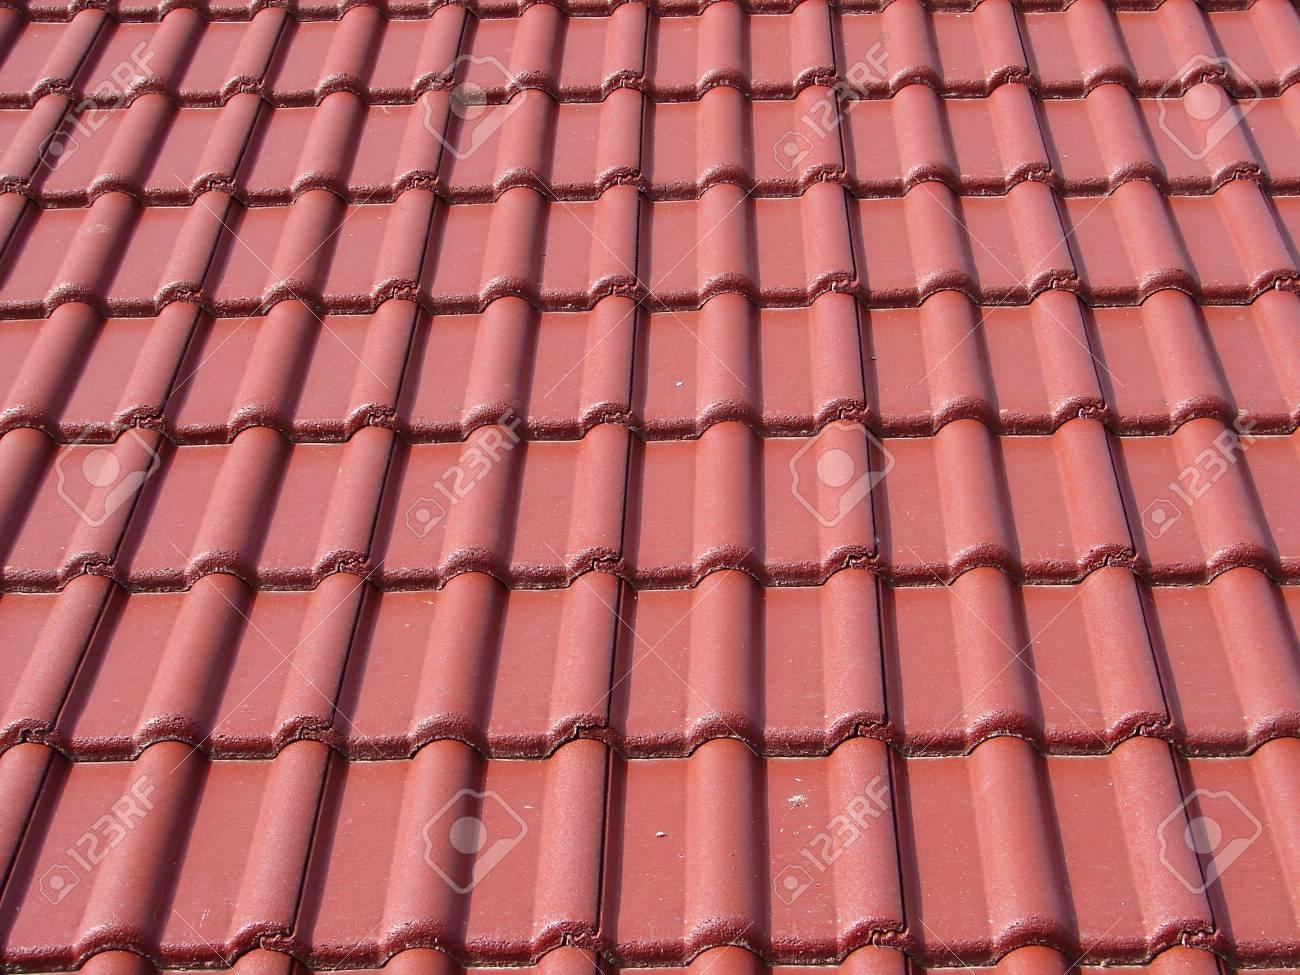 Dachziegel dunkelrot  Dunkelrote Farbe Neue Dachziegel Lizenzfreie Fotos, Bilder Und ...